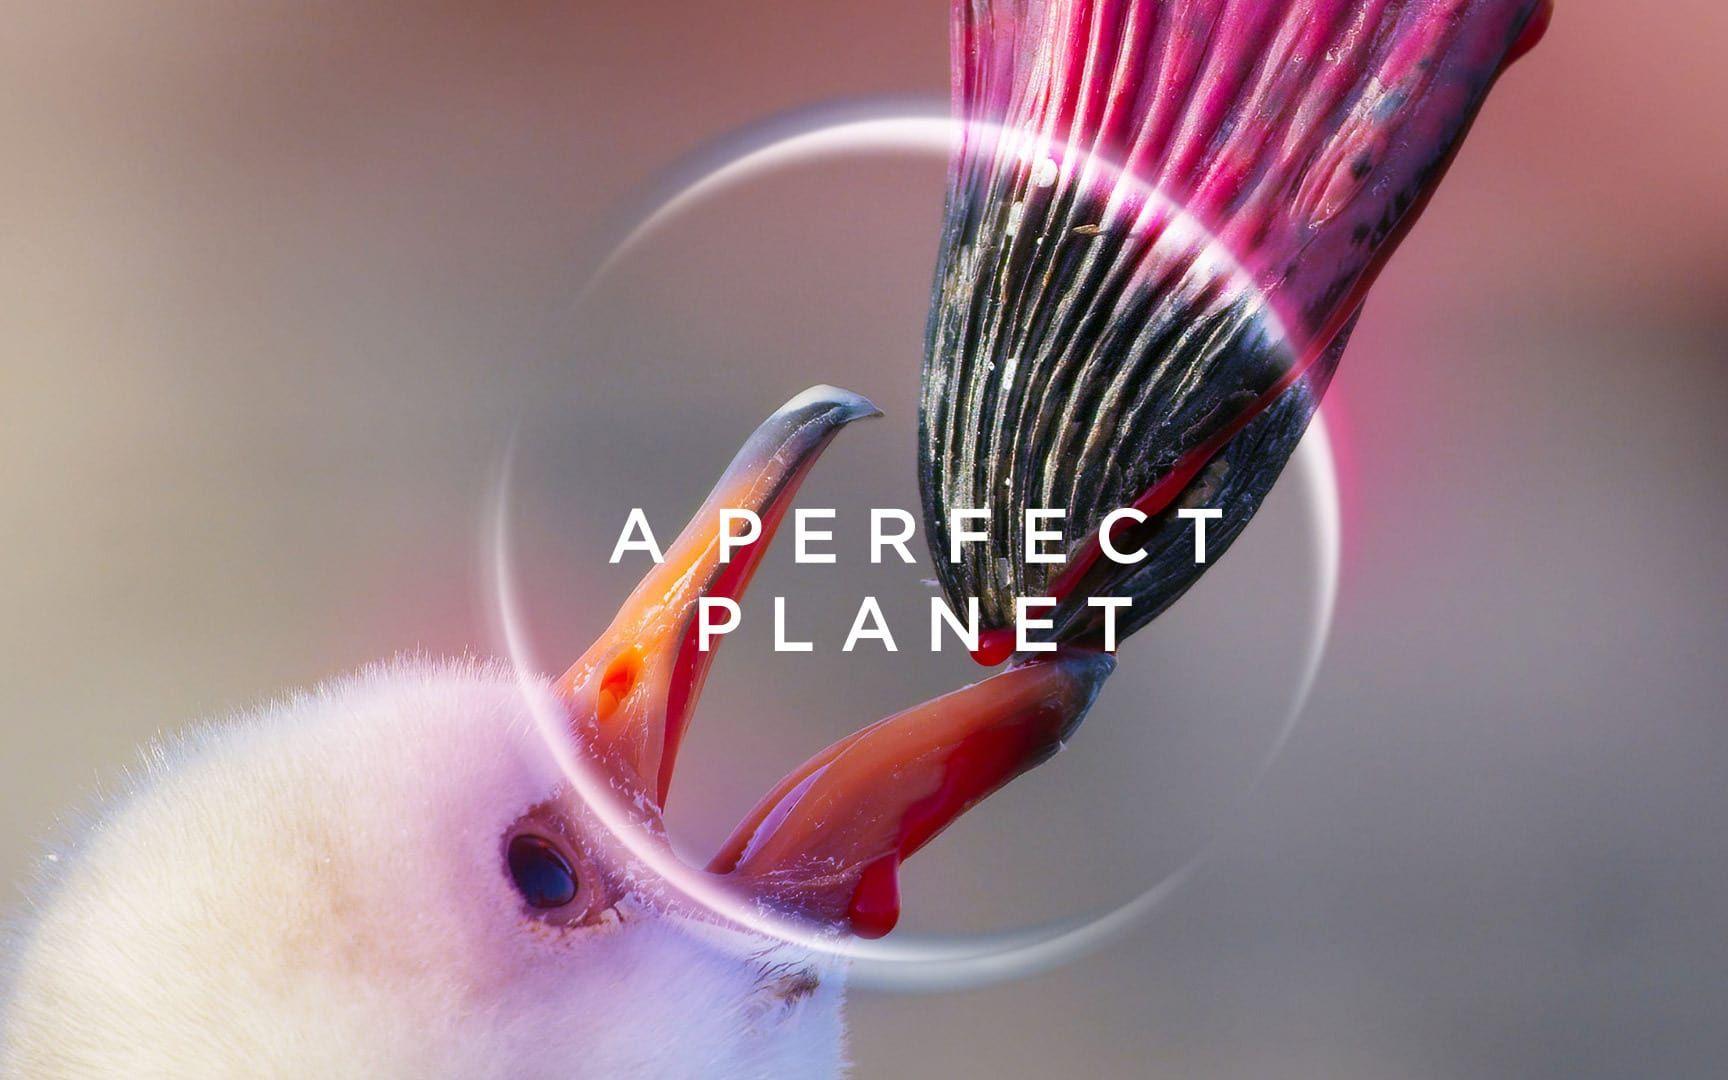 用鲜血投喂宝宝的鸟类,浑身上下都变成了血红色,豆瓣9.6纪录片